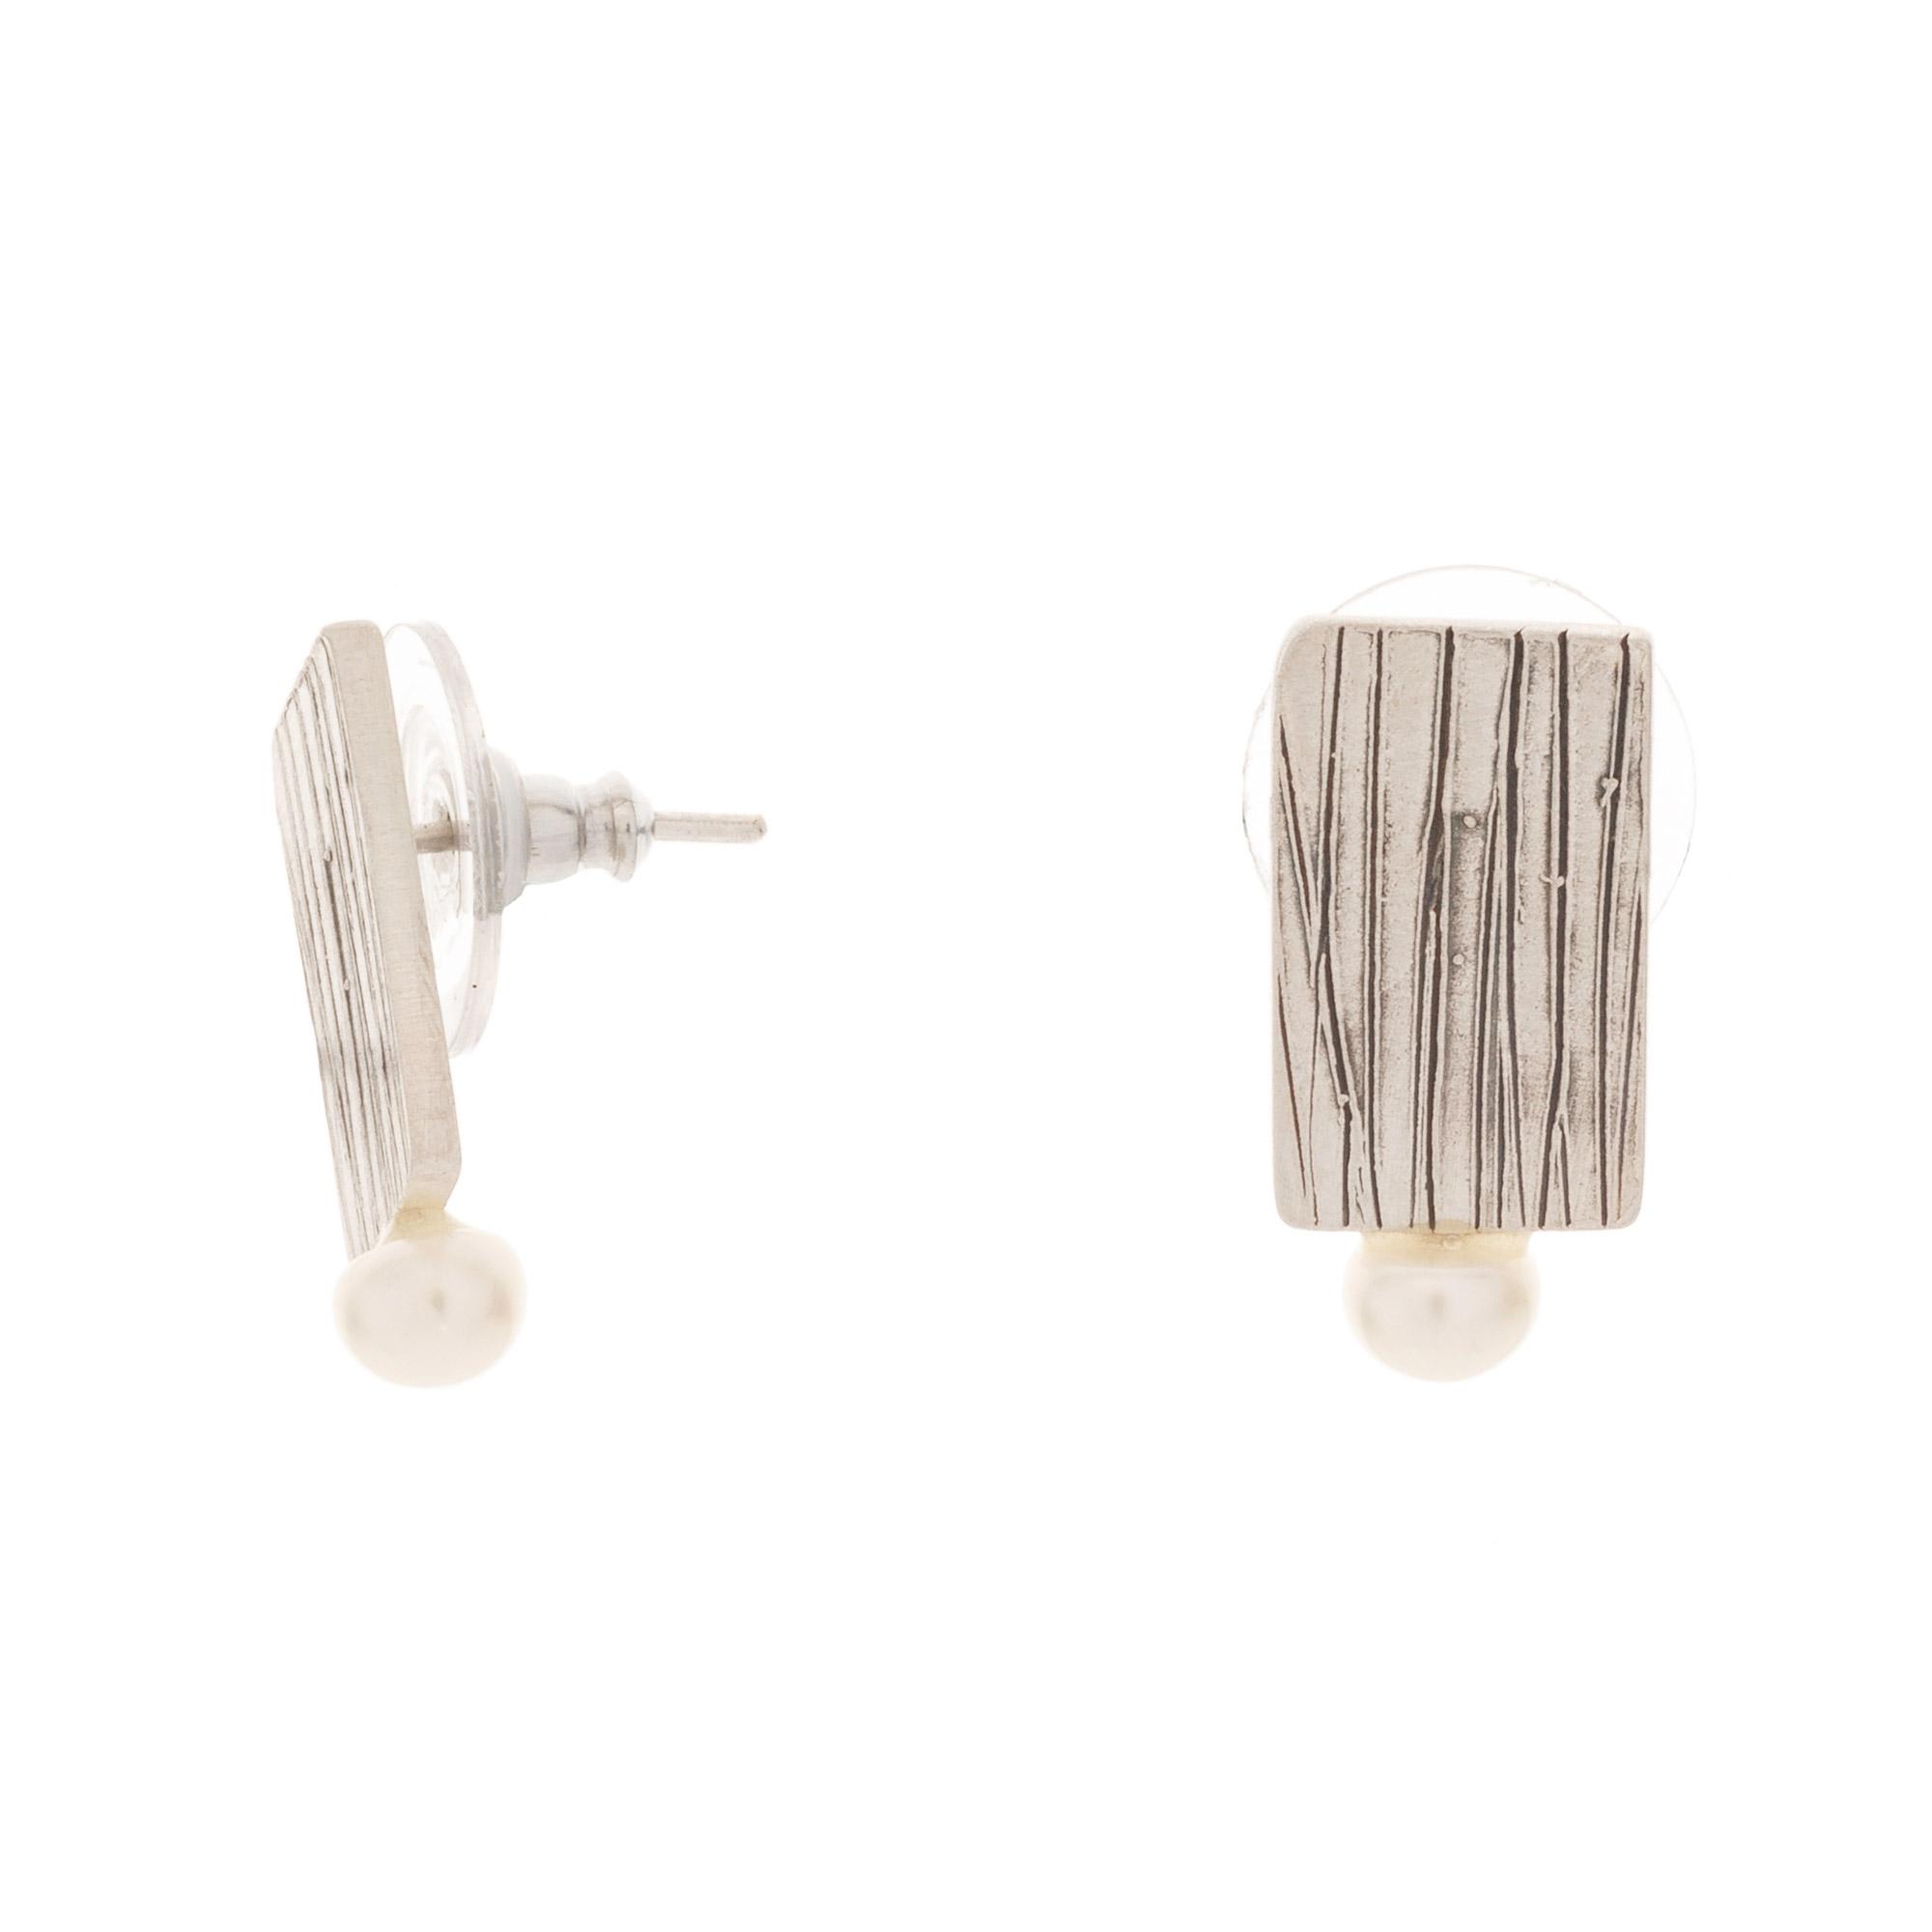 Joya hecho a mano en plata. Pendientes con textura, perla blanca natural de río y acabados en mate.